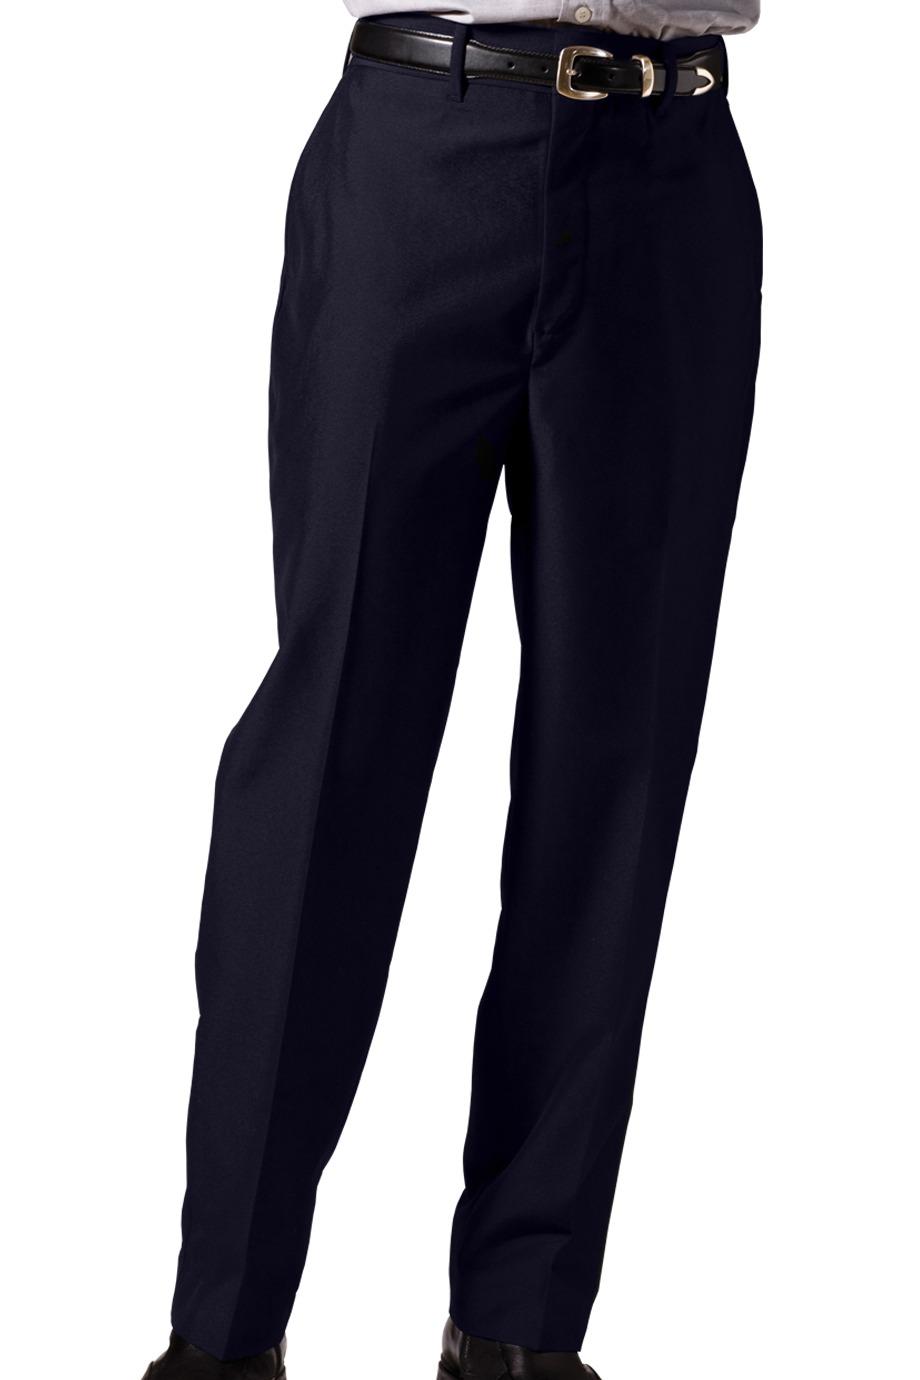 Edwards Garment 2750 - Men's Lightweight Wool Blend Flat Front Pant